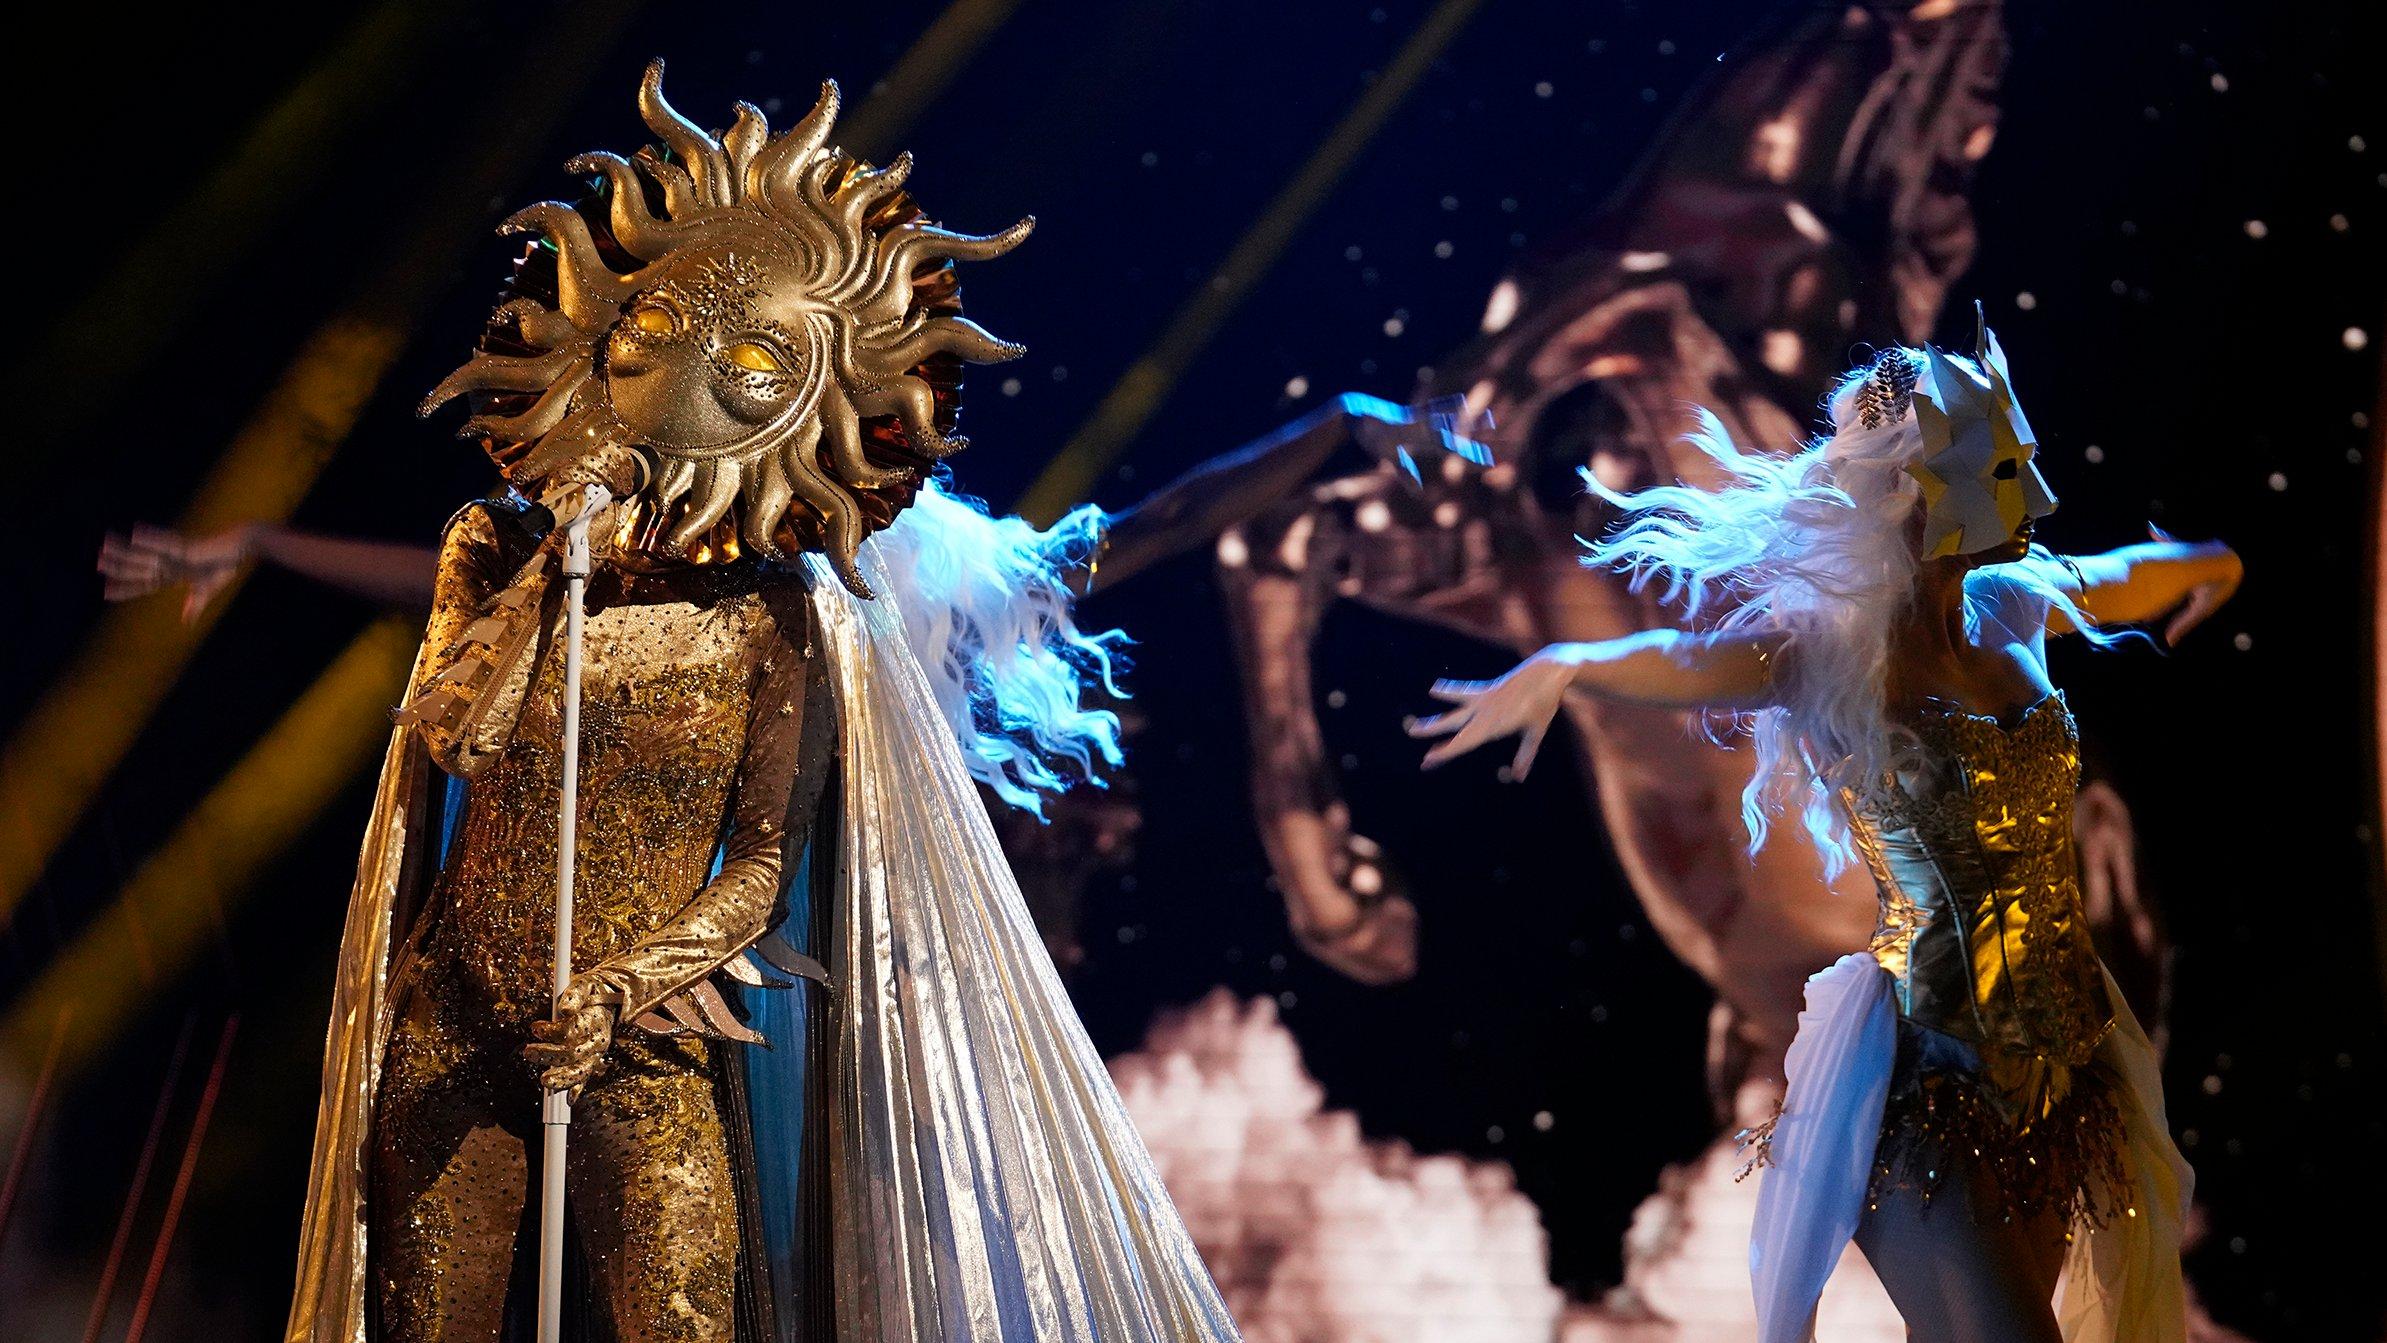 Sun Masked Singer performing